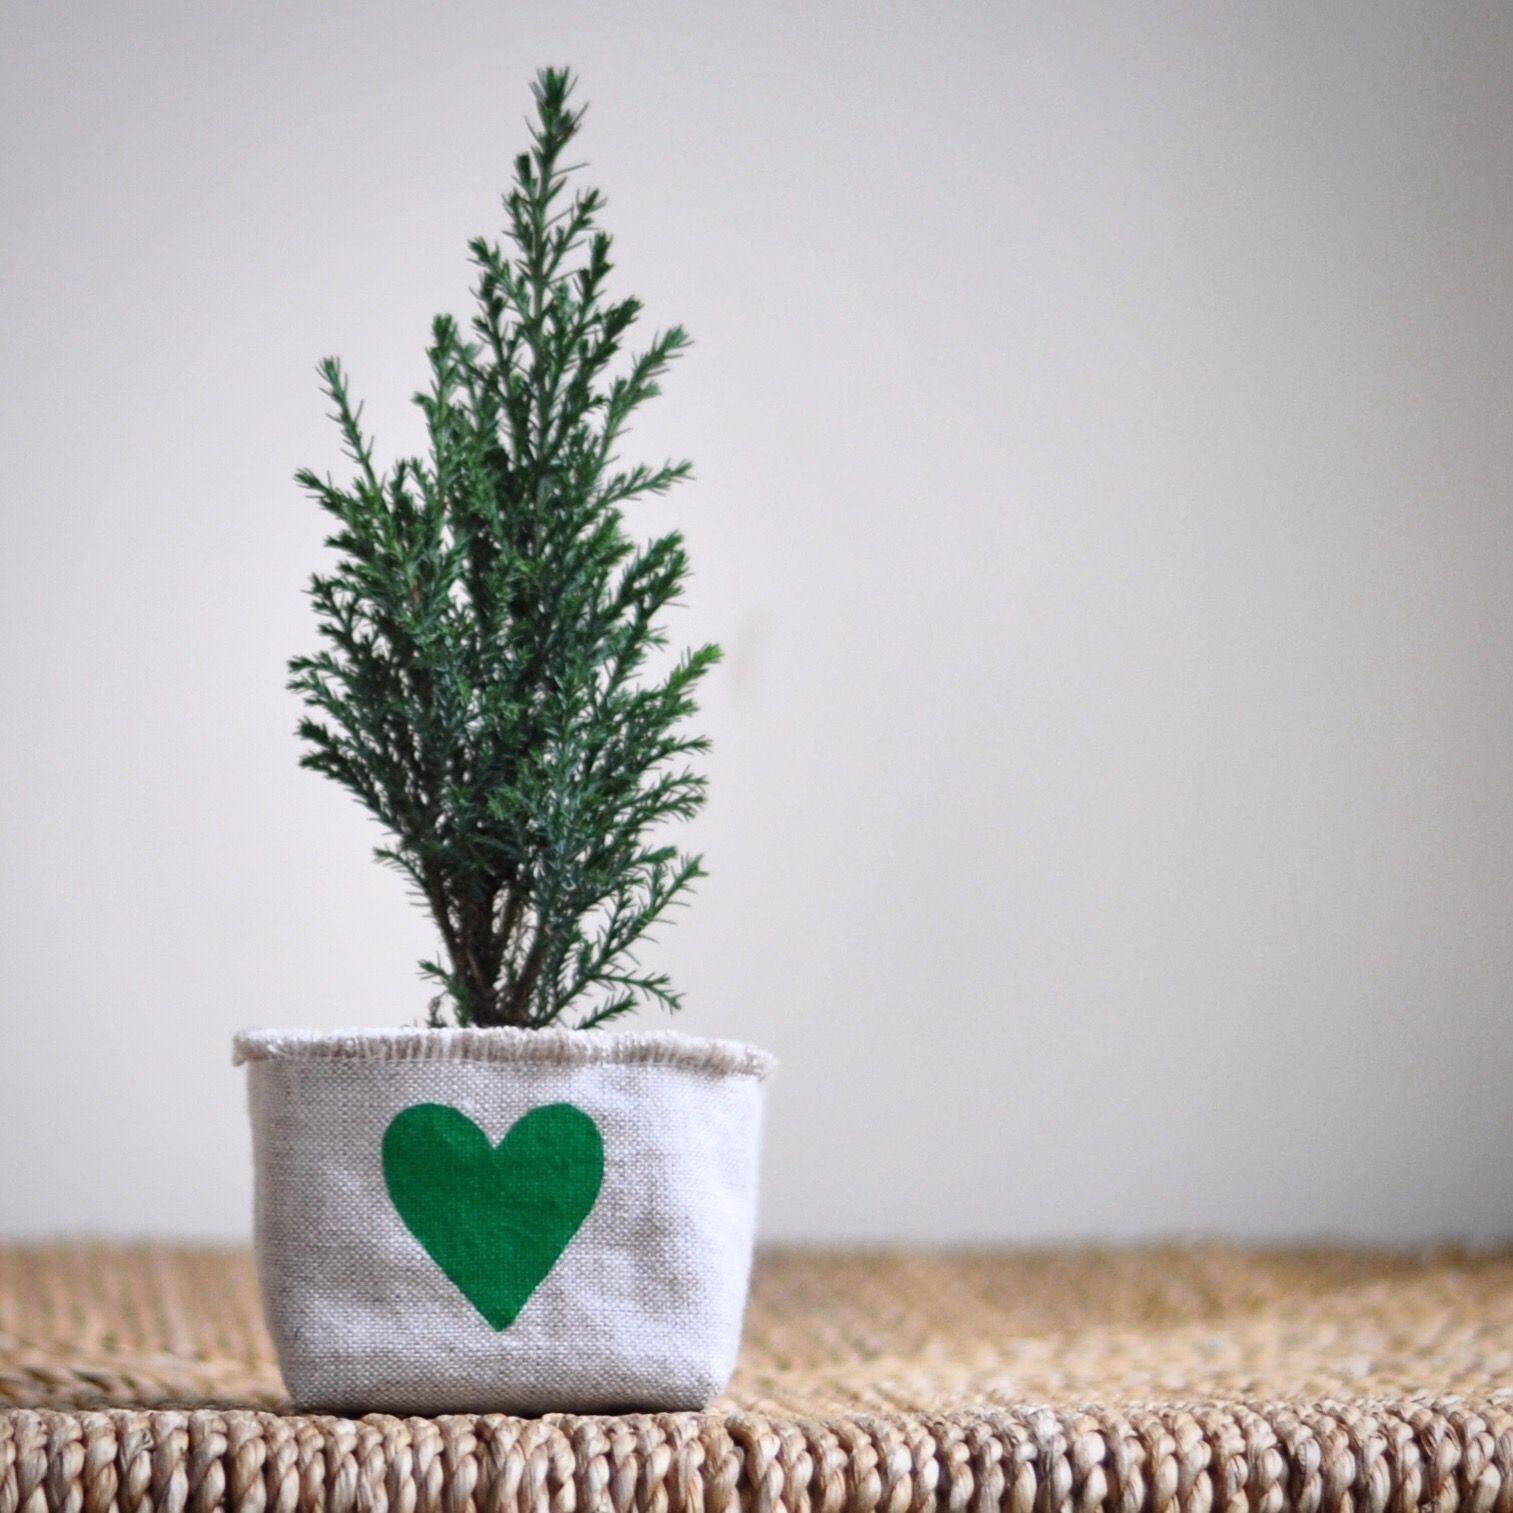 garden care logo #garden #gardencare Blockprint green heart linen mini planter.